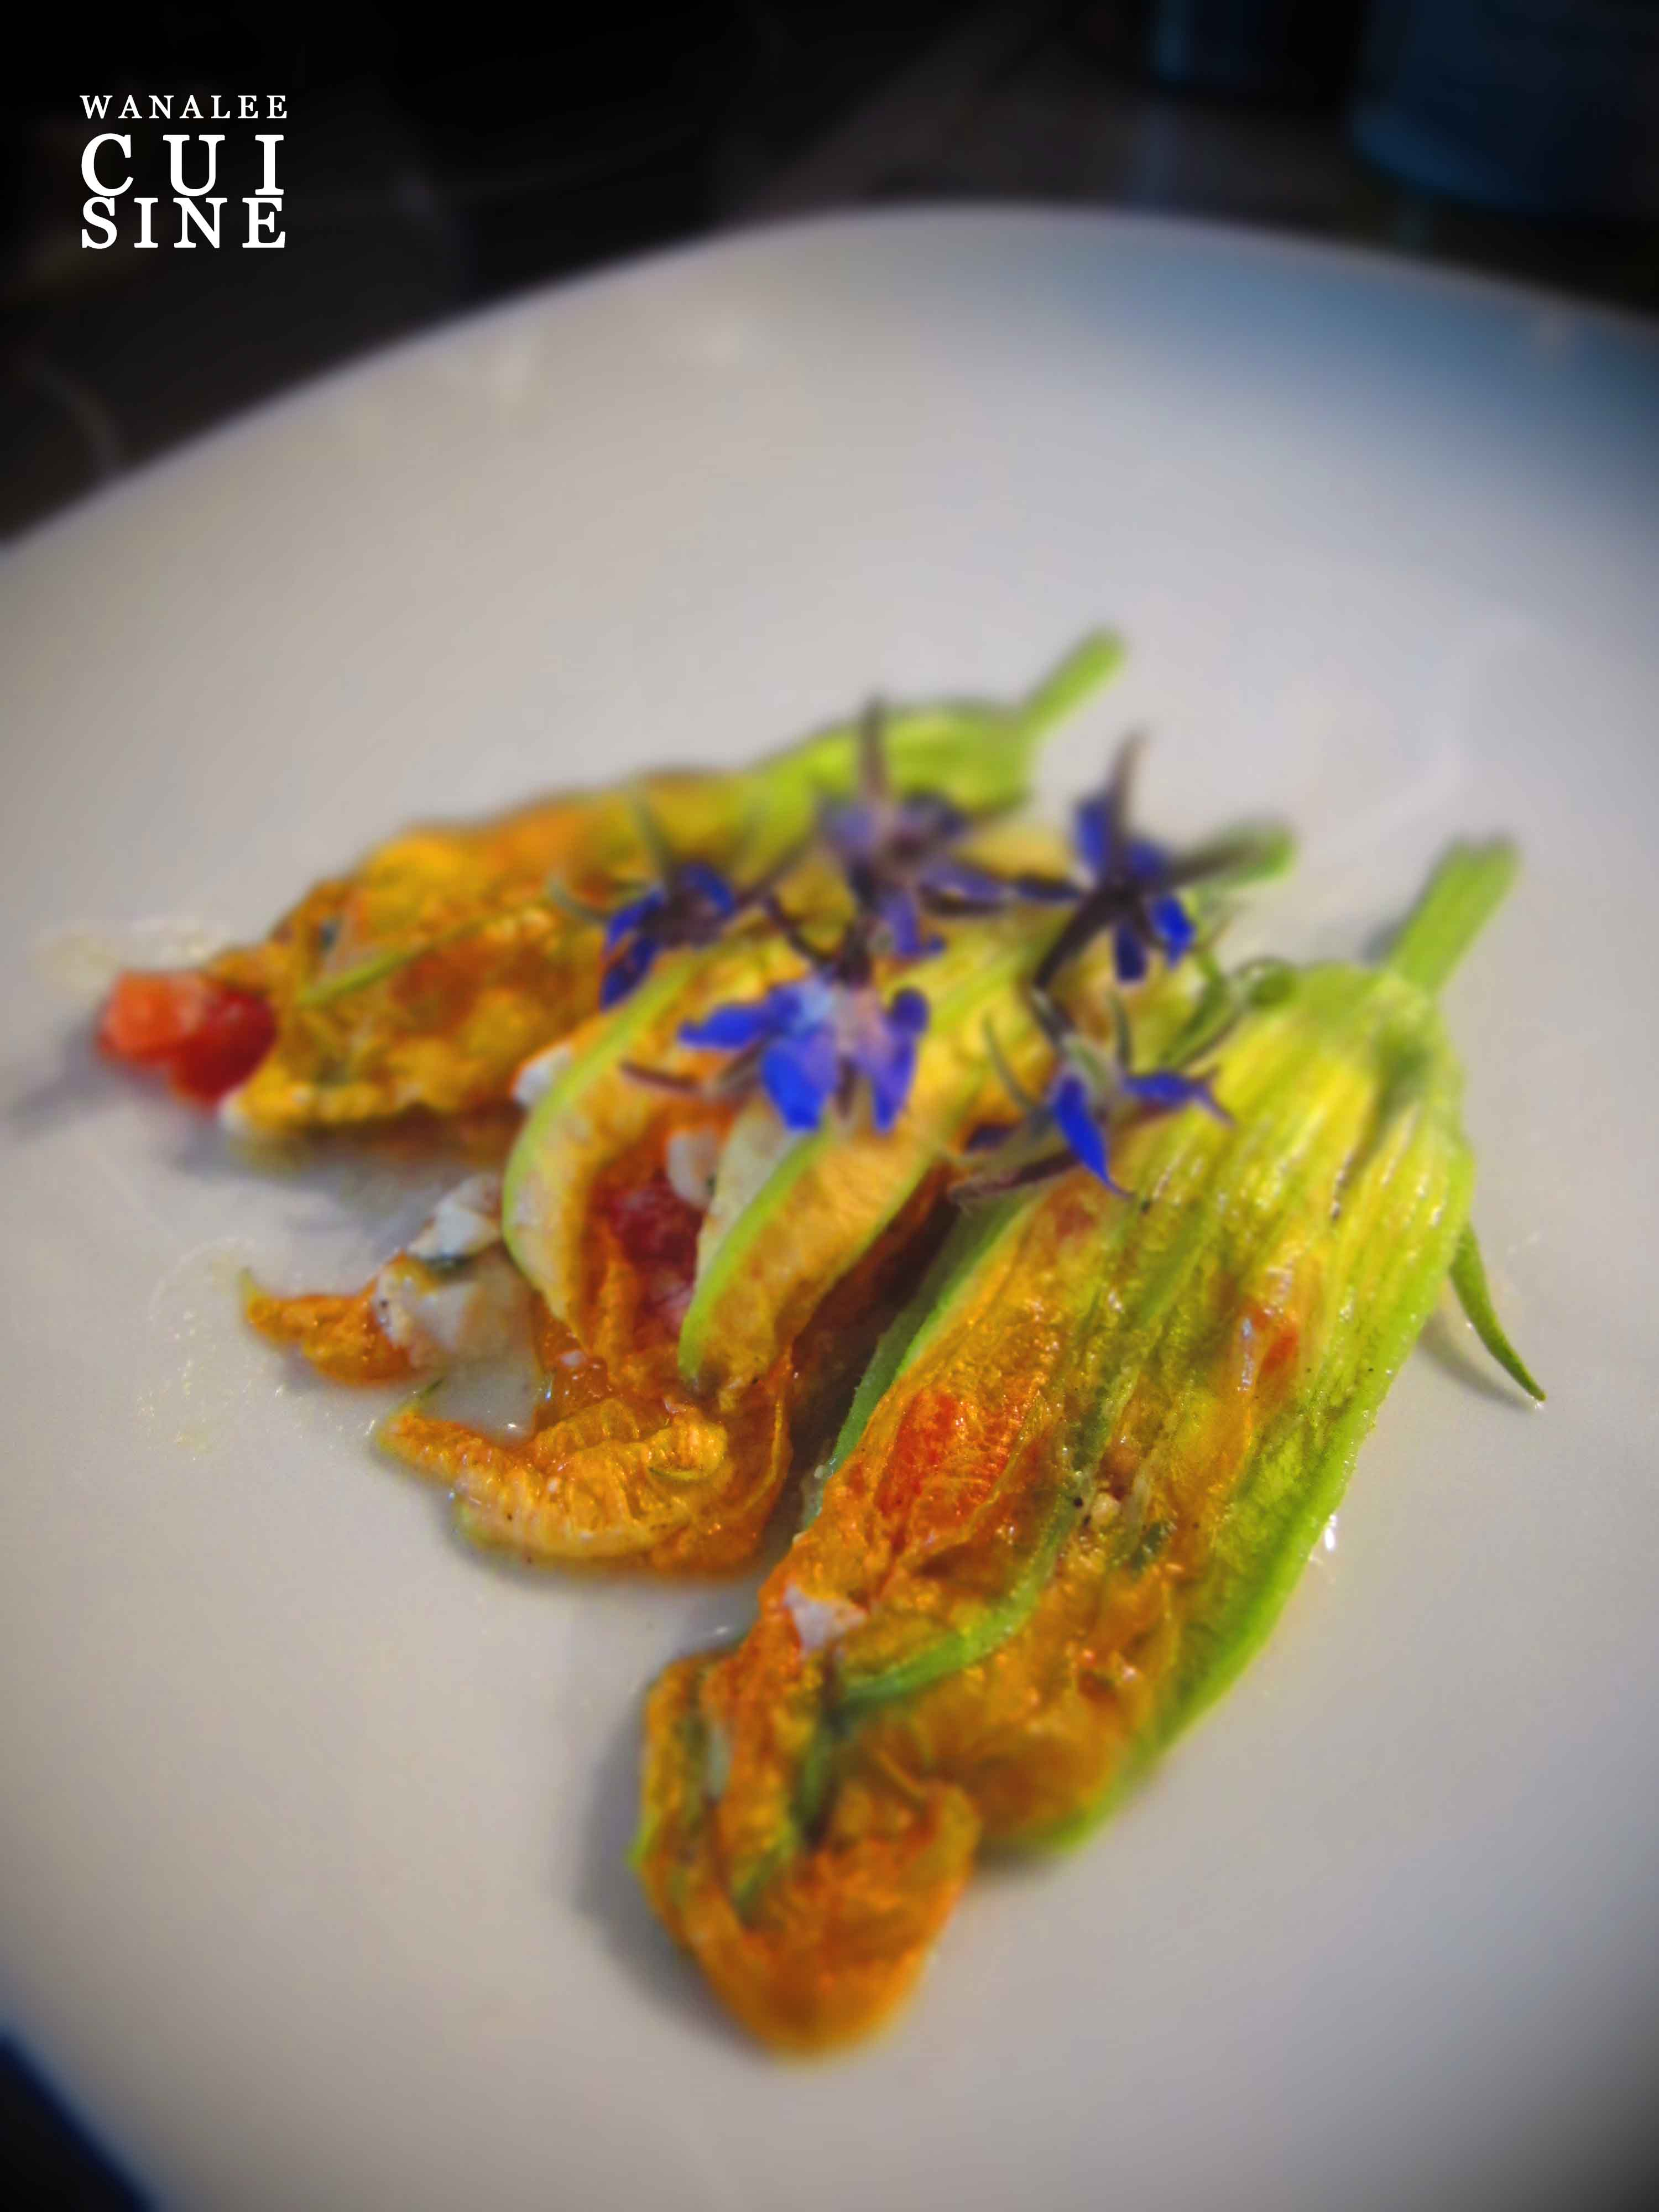 Fleurs de courgettes farcies la proven ale wanalee cuisine - Fleurs de courgettes farcies ...